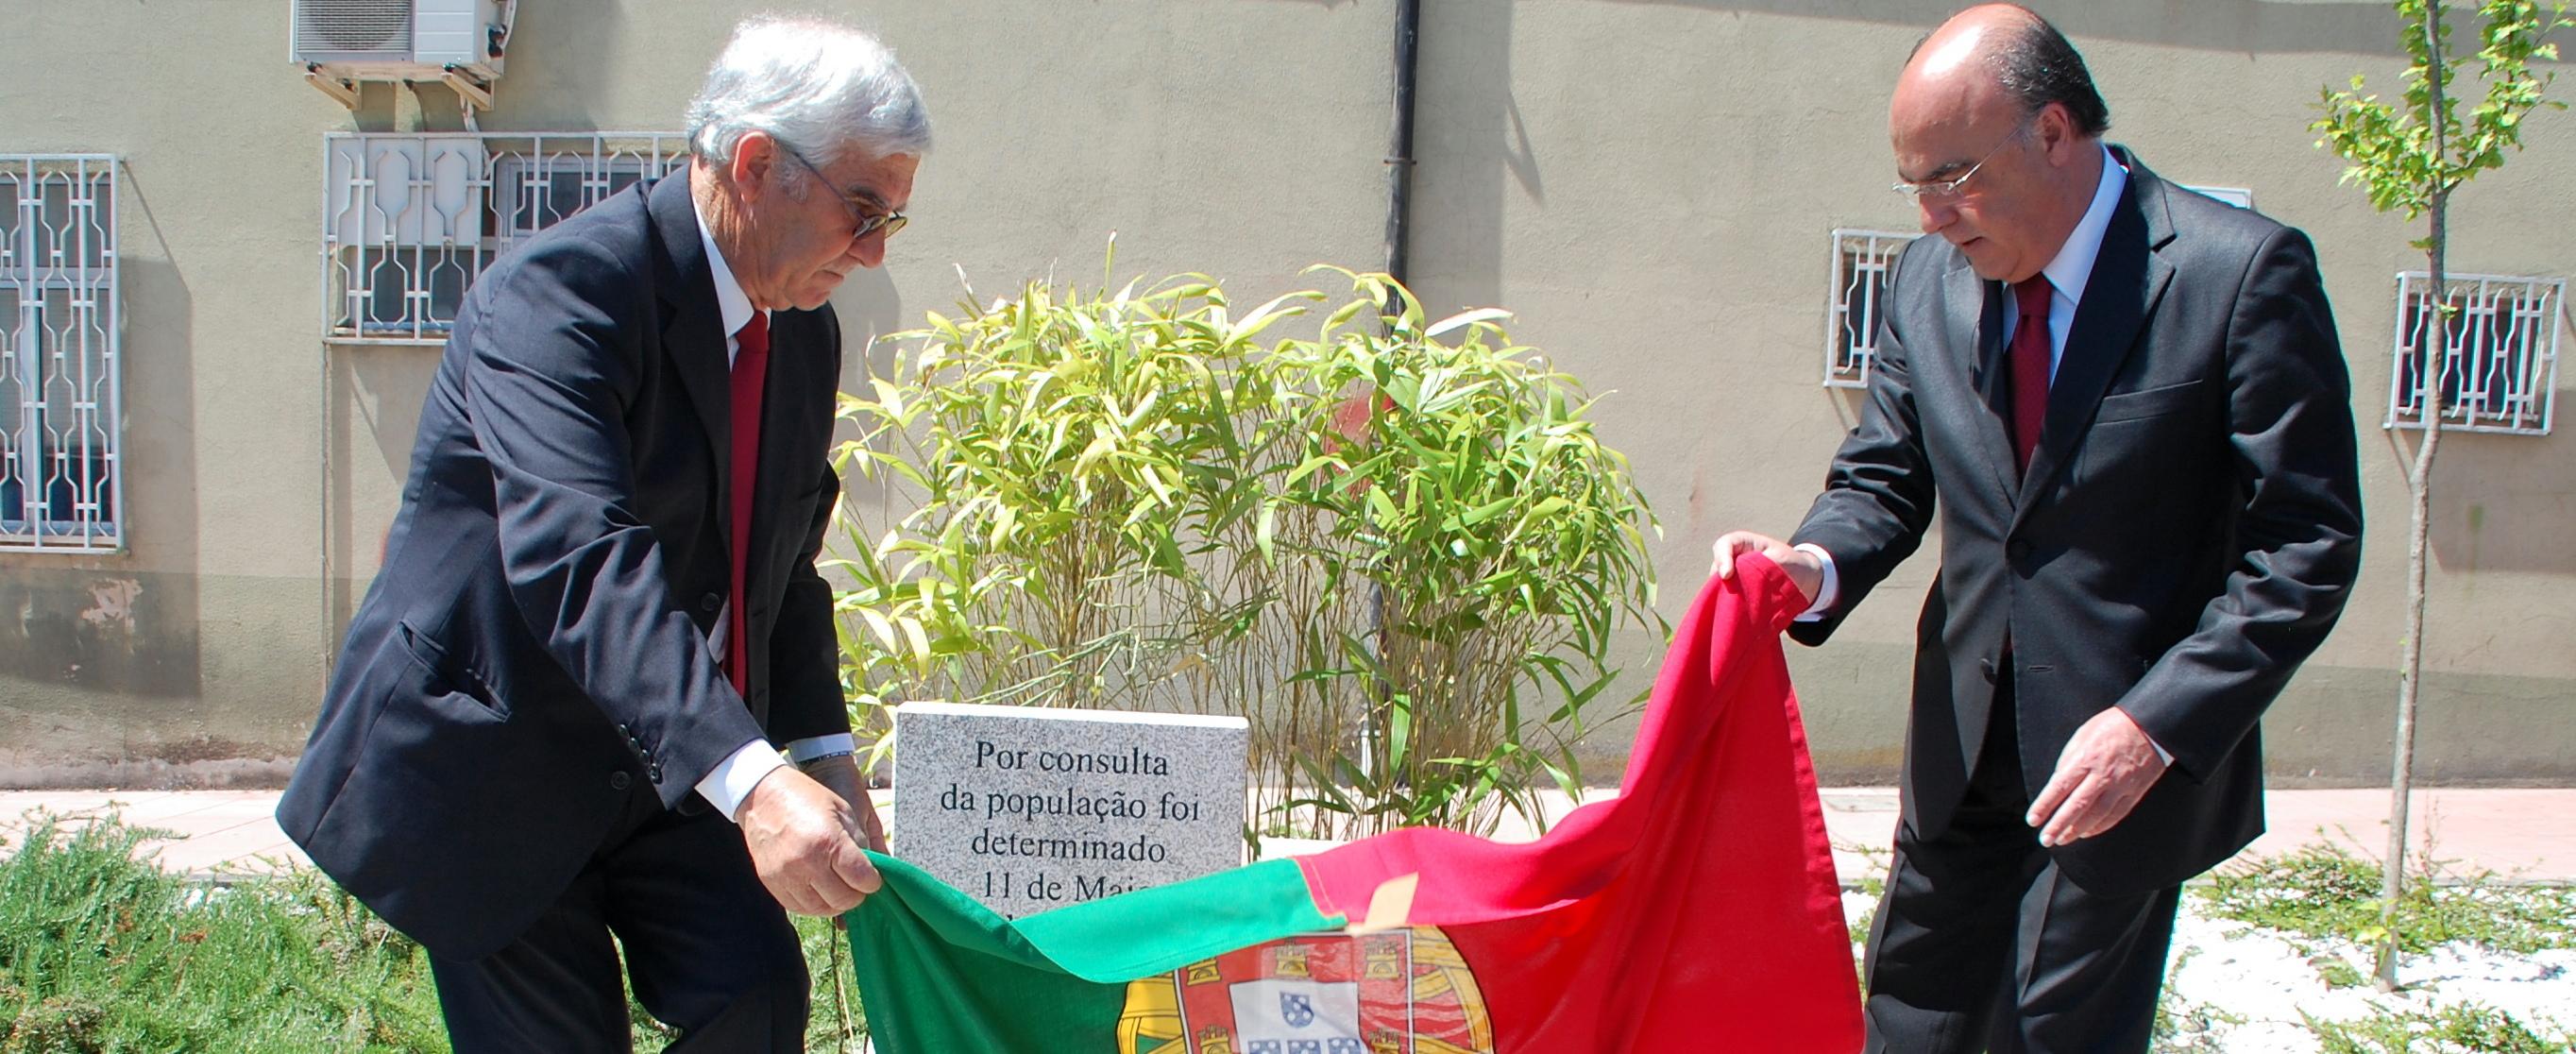 Poeta António Fogaça inspira Dia da Freguesia em Vila Frescainha S. Martinho